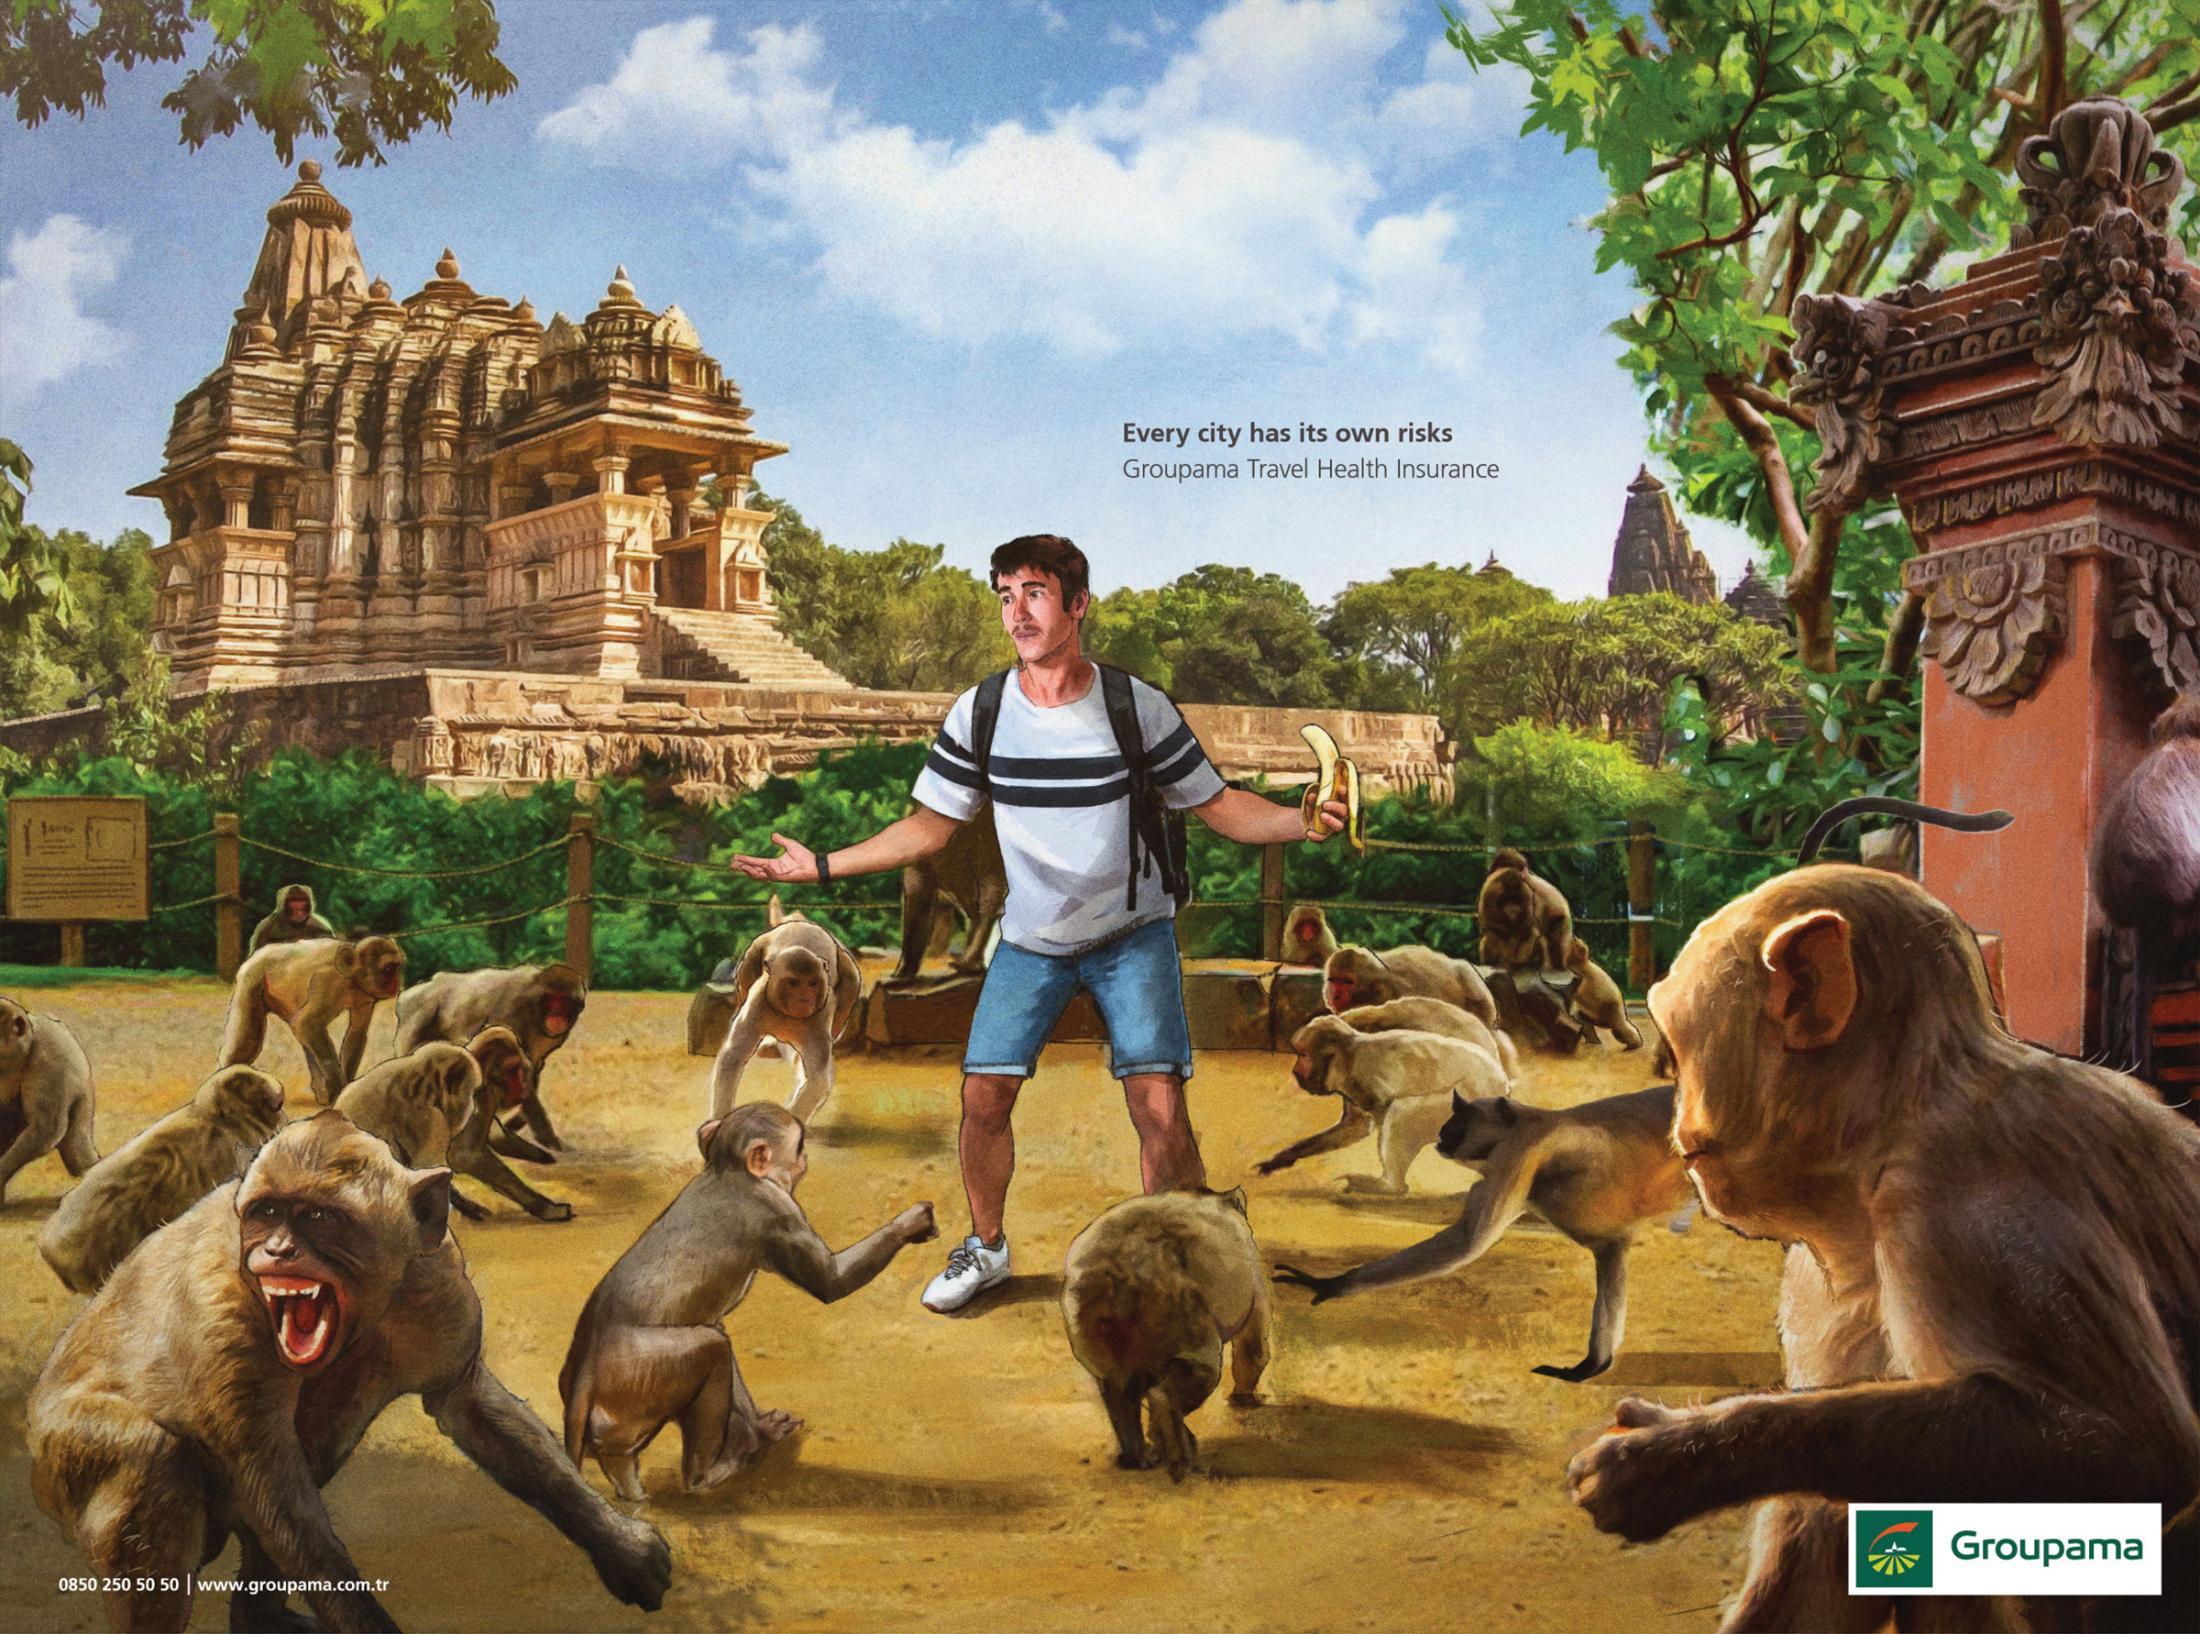 Her Şehrin Kendi Riski Vardır, Hindistan - GROUPAMA-türkiyenin-reklamları